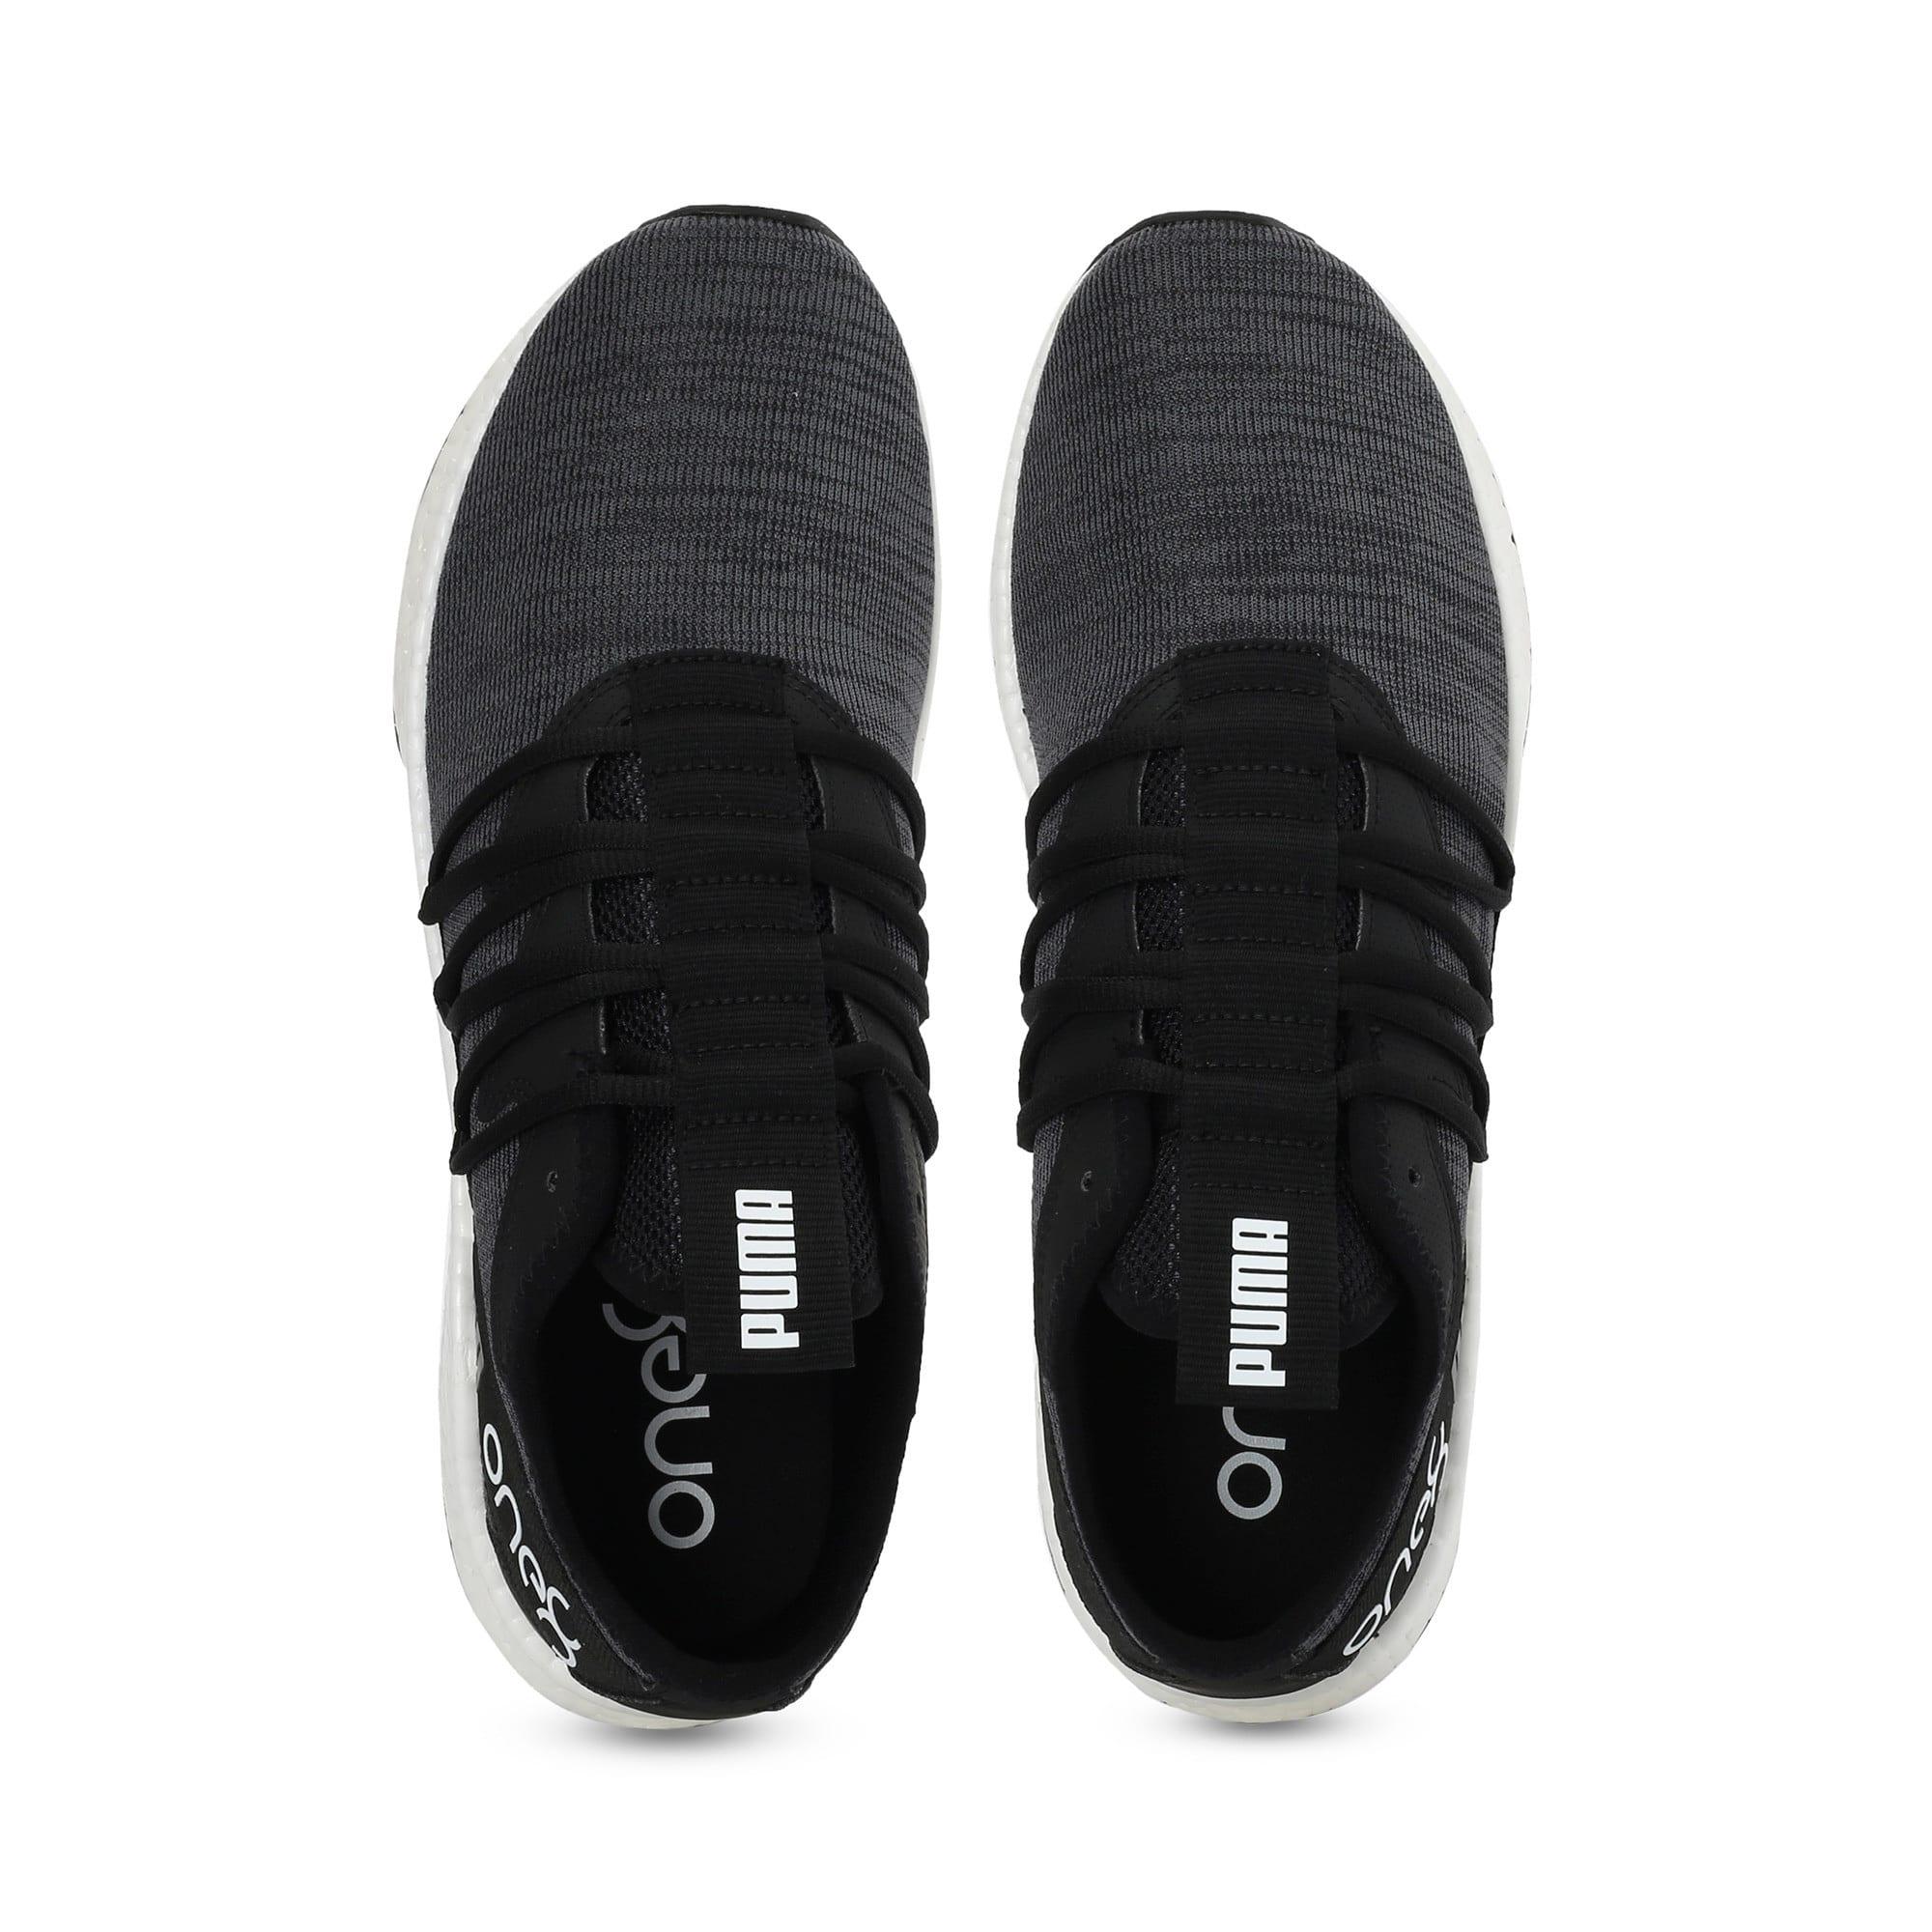 Thumbnail 6 of NRGY Star Knit one8 Unisex Running Shoes, Puma Black-Puma White, medium-IND